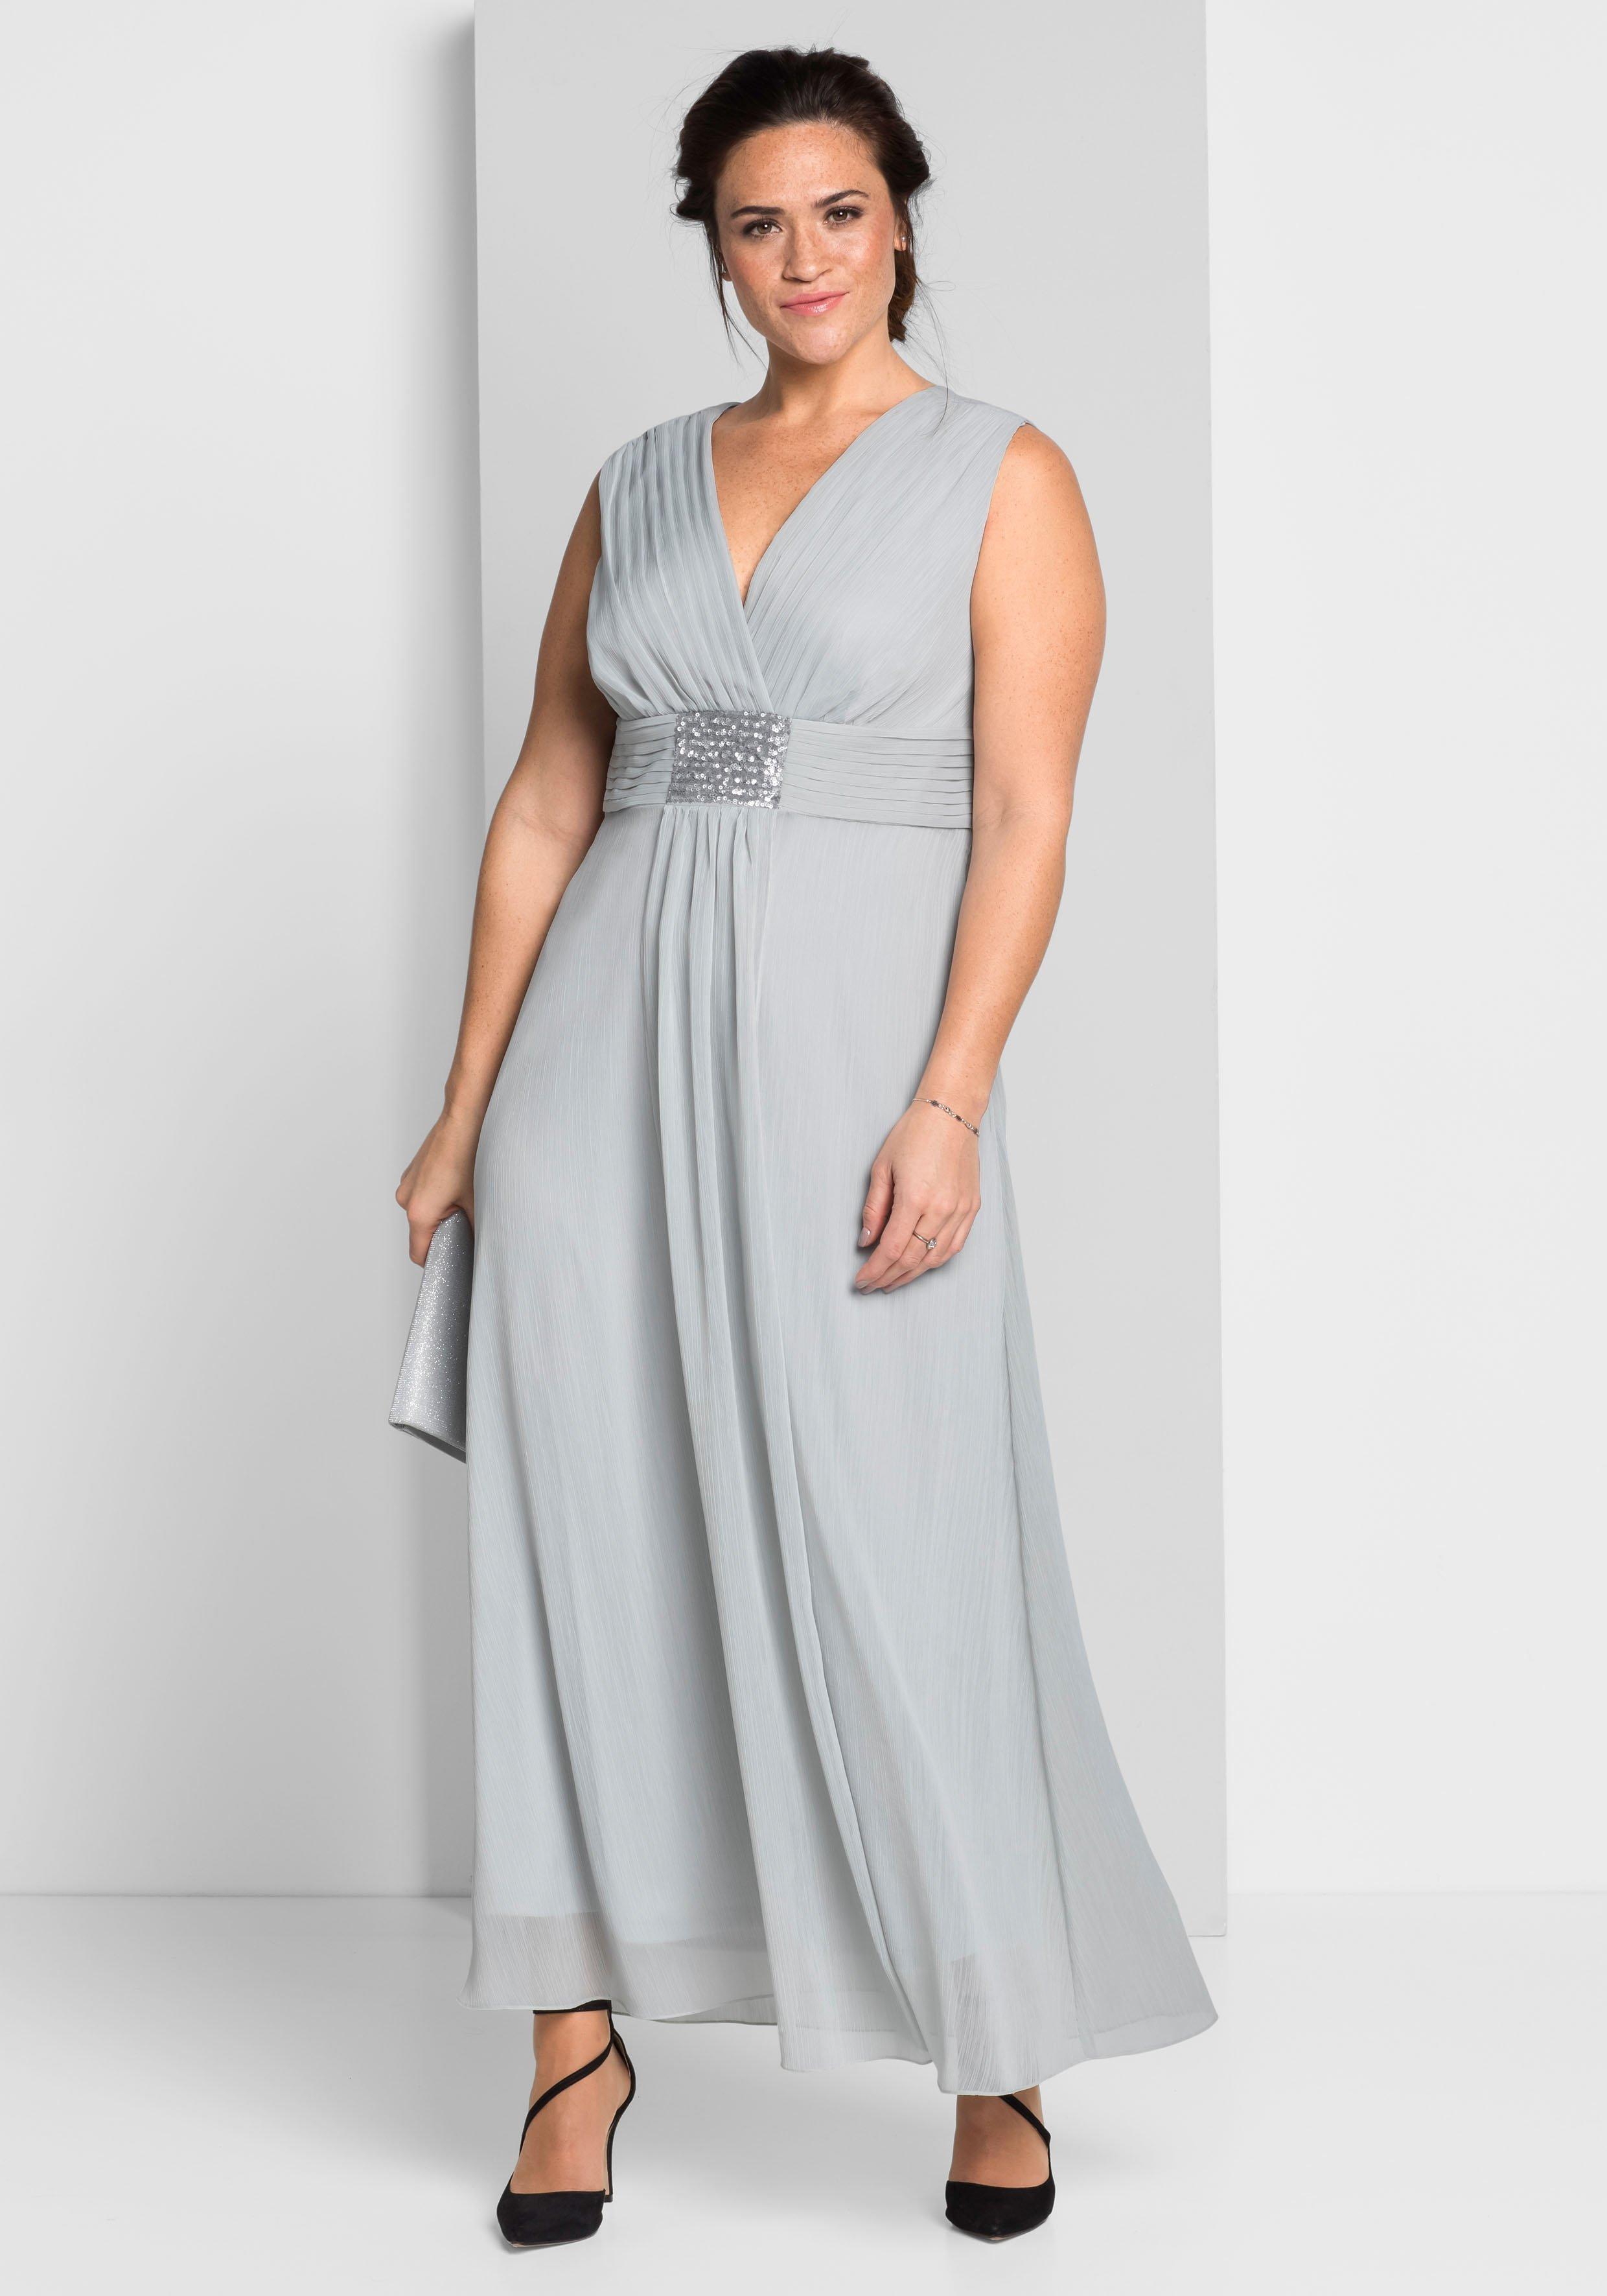 Kleider Hochzeit Gast  Kleider fur hochzeit als gast asos – Stylische Kleider für